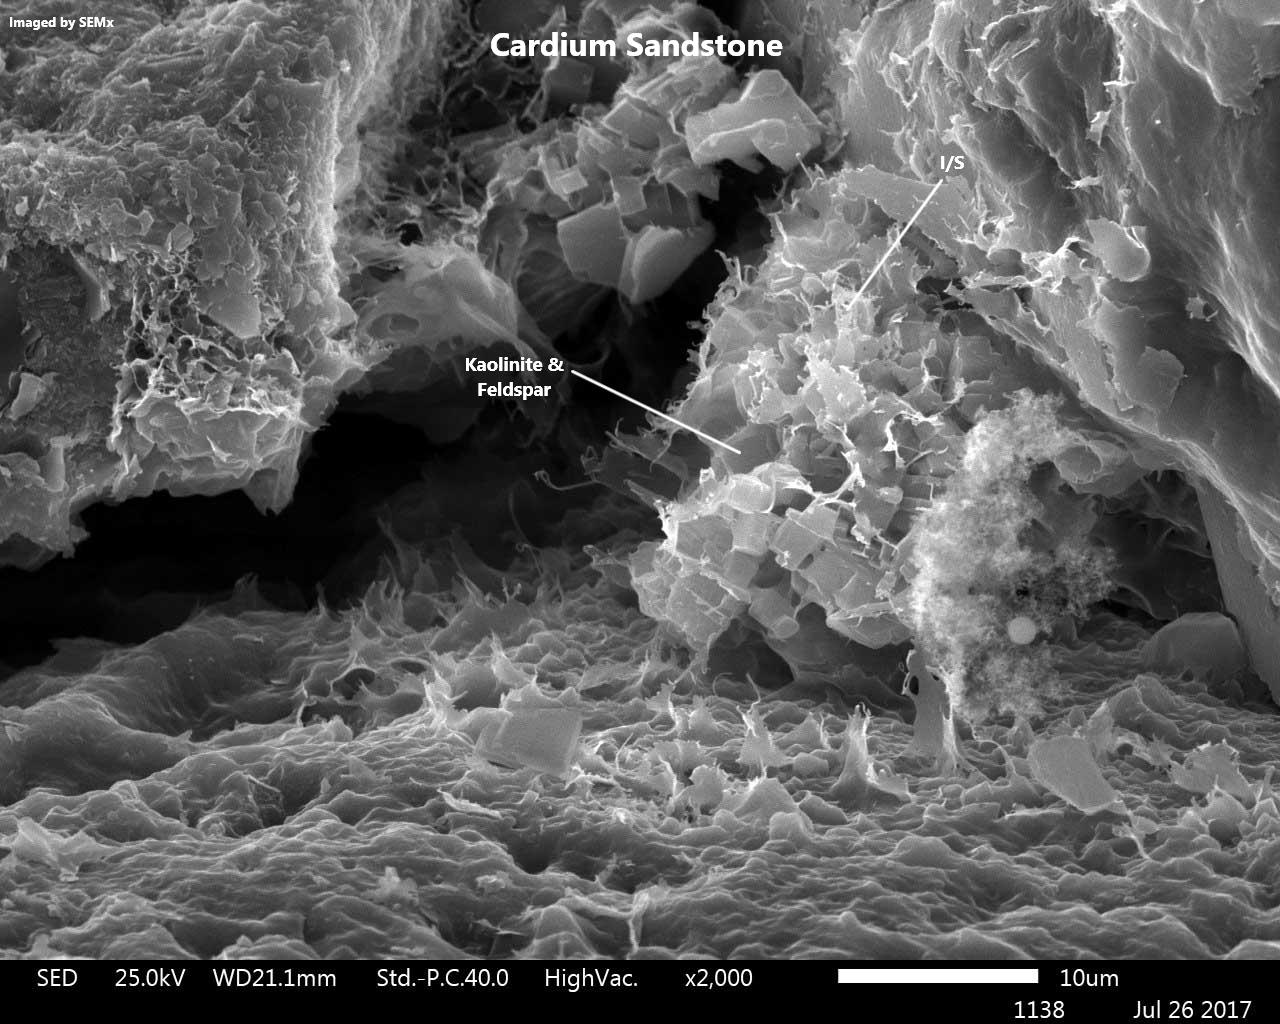 Cardium Sandstone